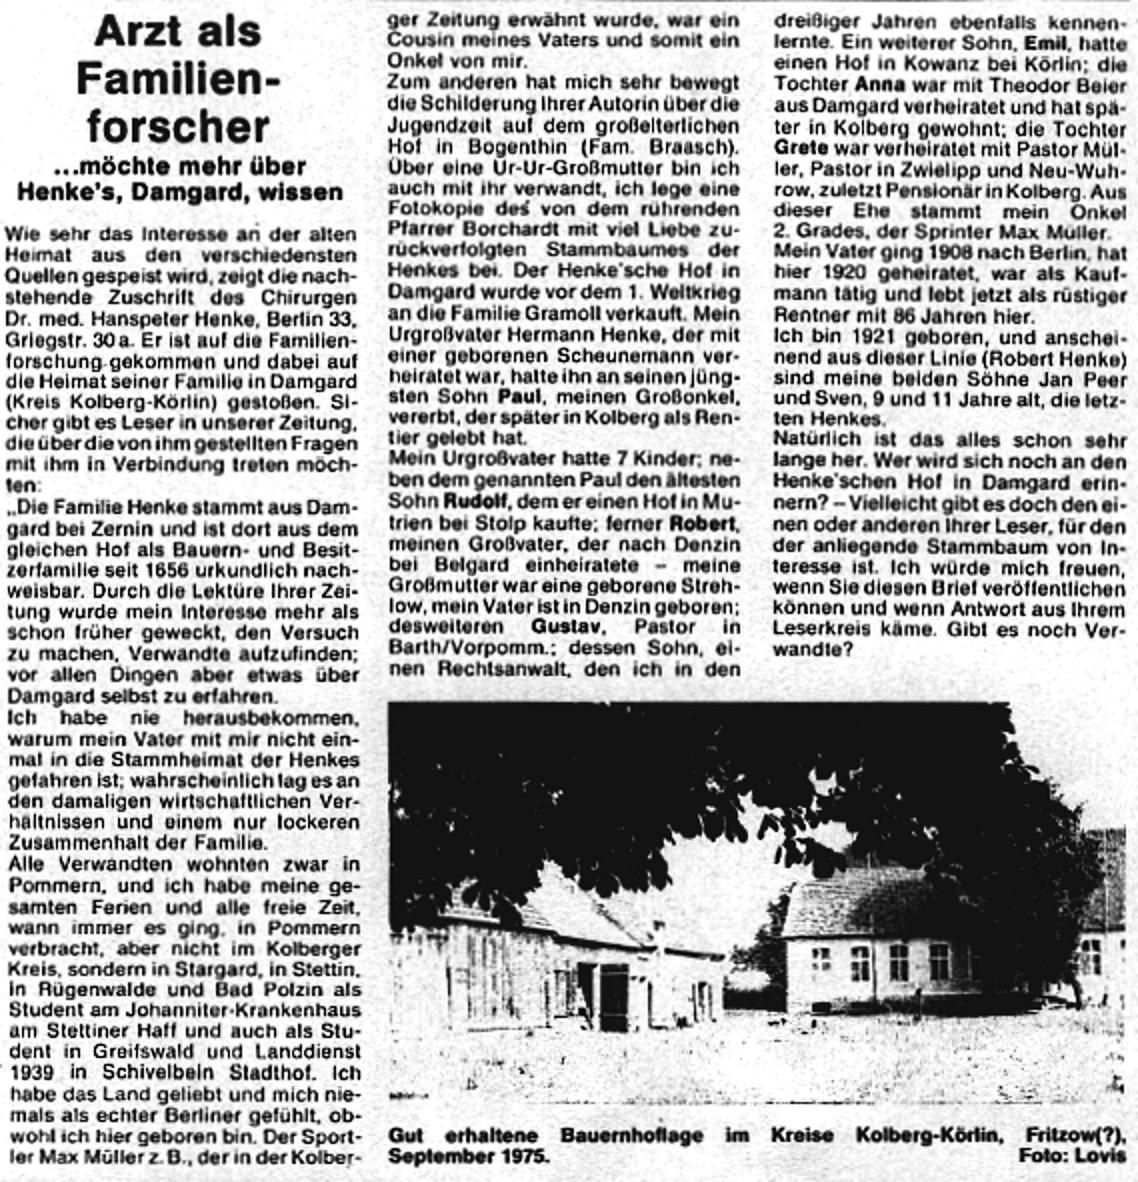 Quelle: Kolberger Zeitung, Ausgabe 9/1976